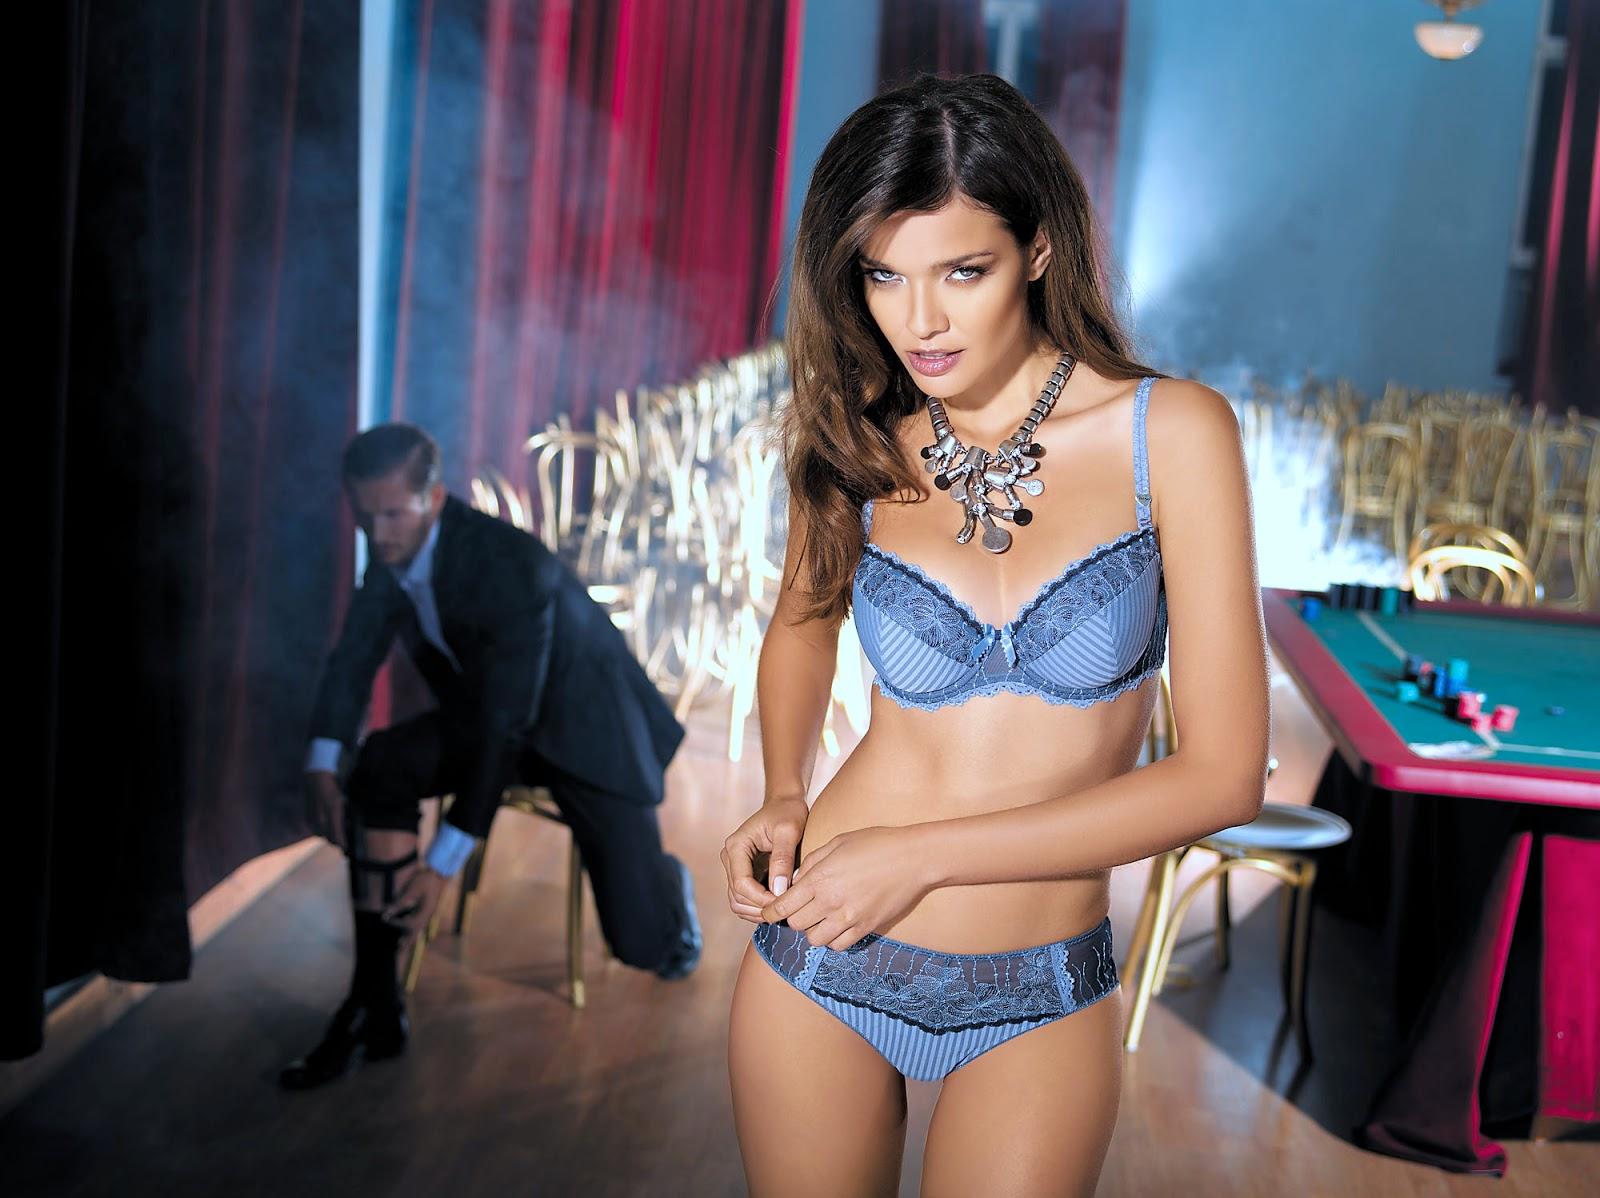 http://www.tuestilo.eu/ropa-interior-sujetador-y-bragas-Alicia-k1598.html